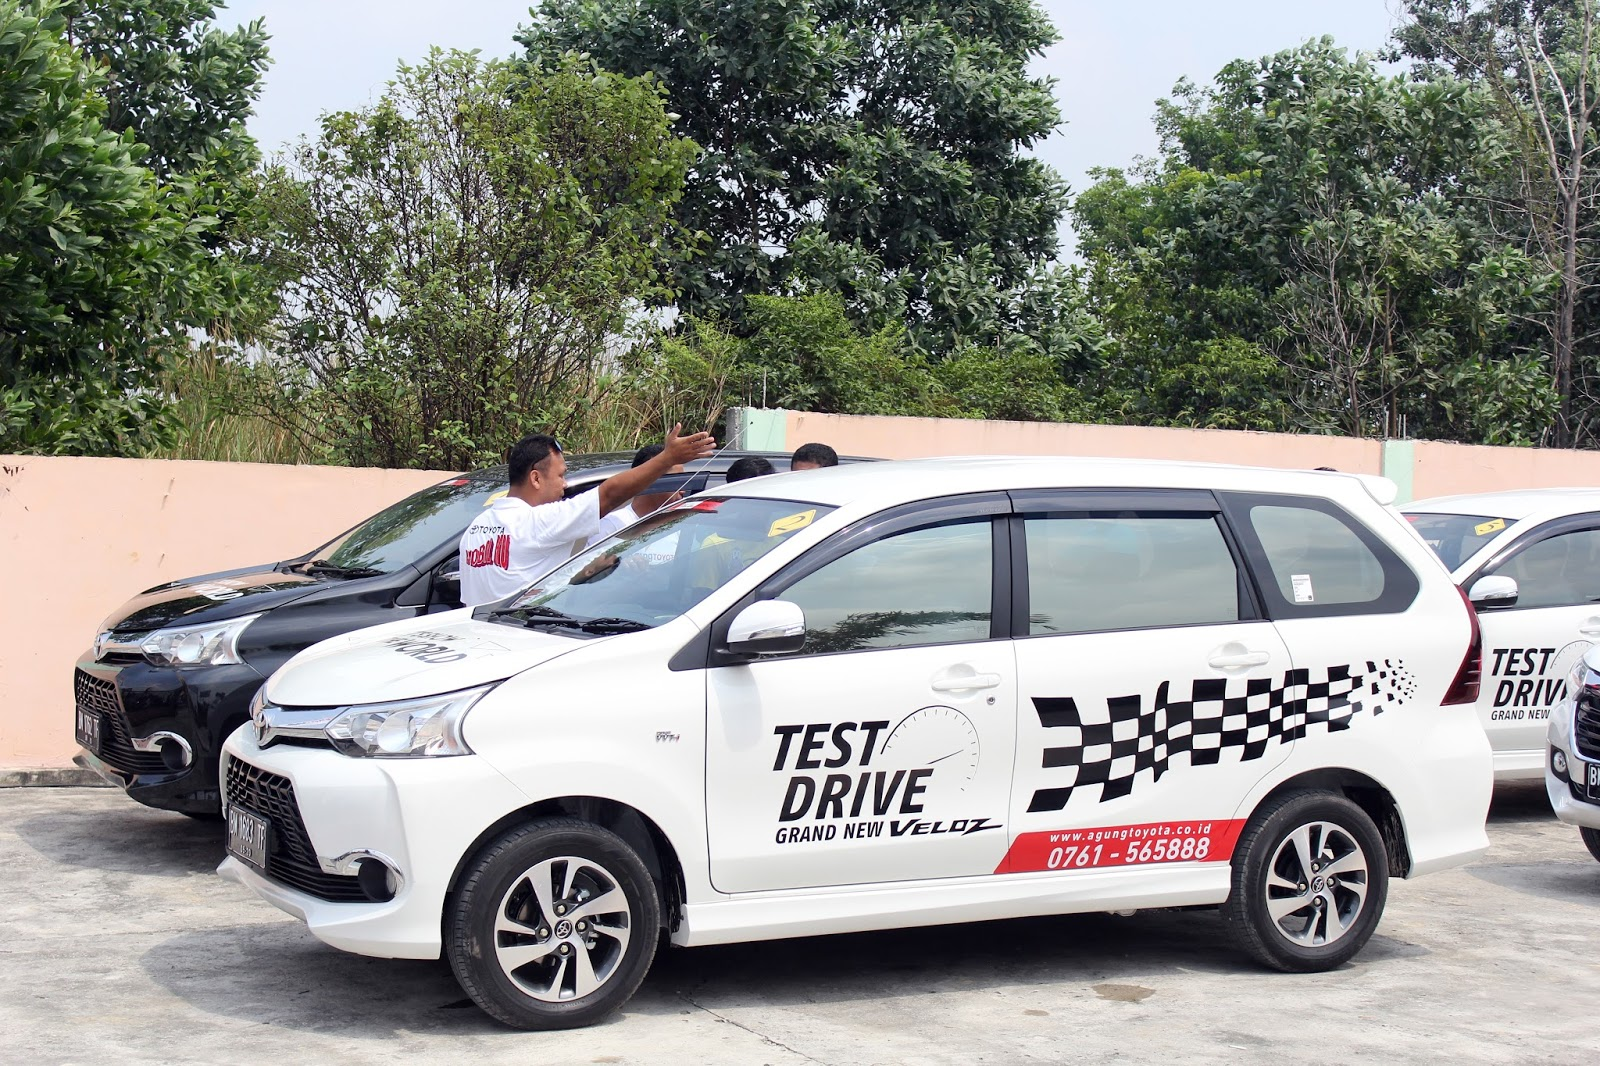 Test Drive Grand New Veloz All Camry Specs Pekanbaru News Rupiah Melemah Ini Waktu Yang Tepat Membeli Mobil Avanza Dan Saat Dilakukan Di Stadion Utama Riau Foto Didi Wirayuda